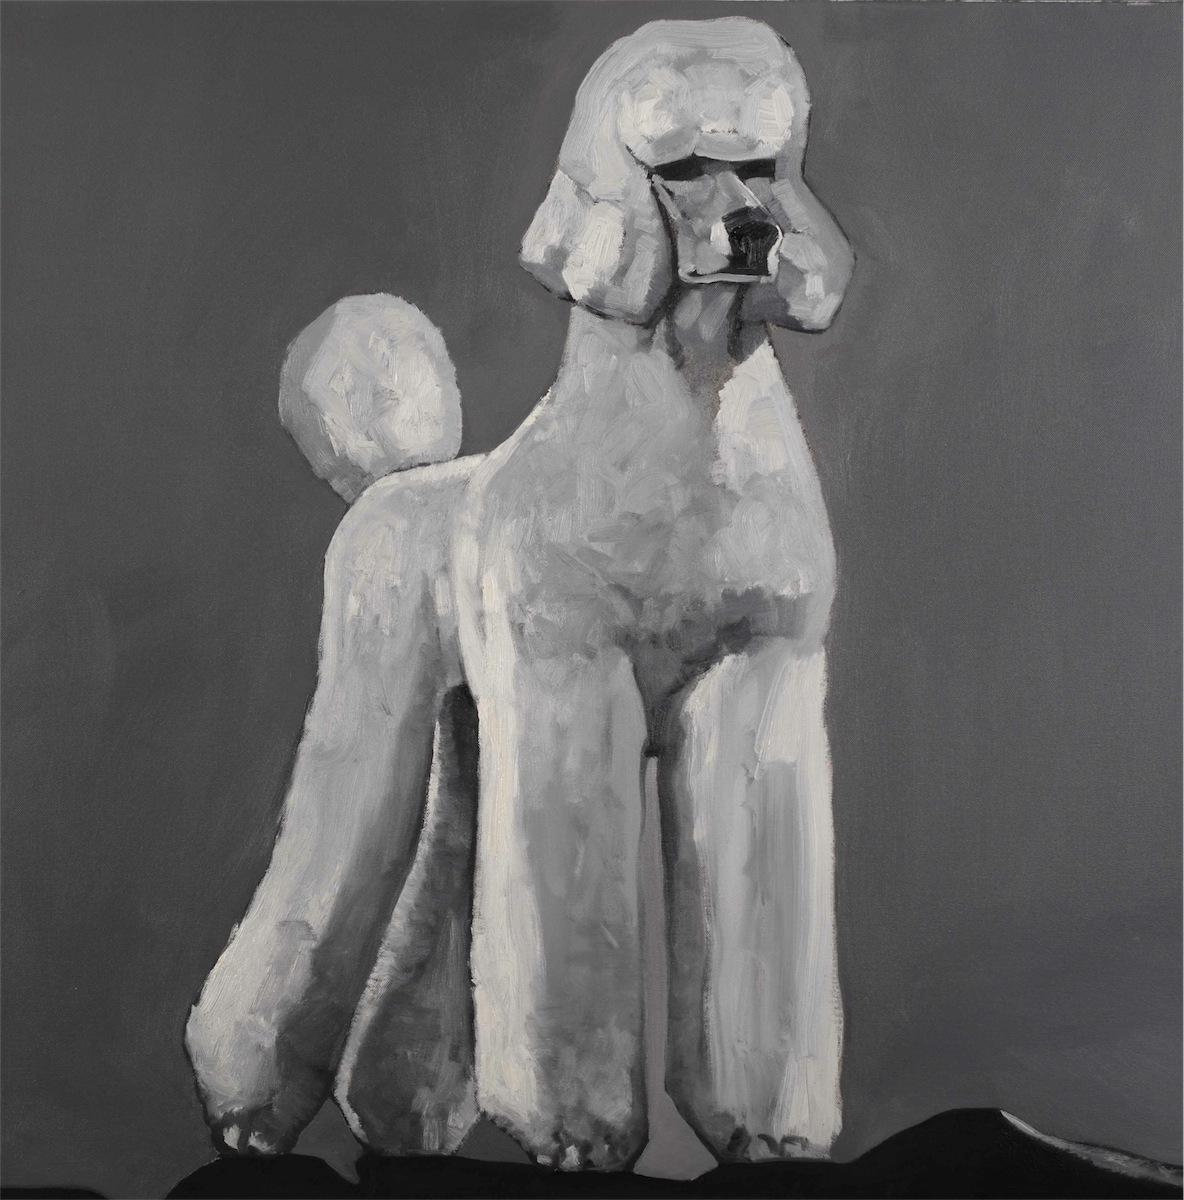 Wszyscy kochamy Pudelka - z cyklu: Piękno w sztuce, 2008